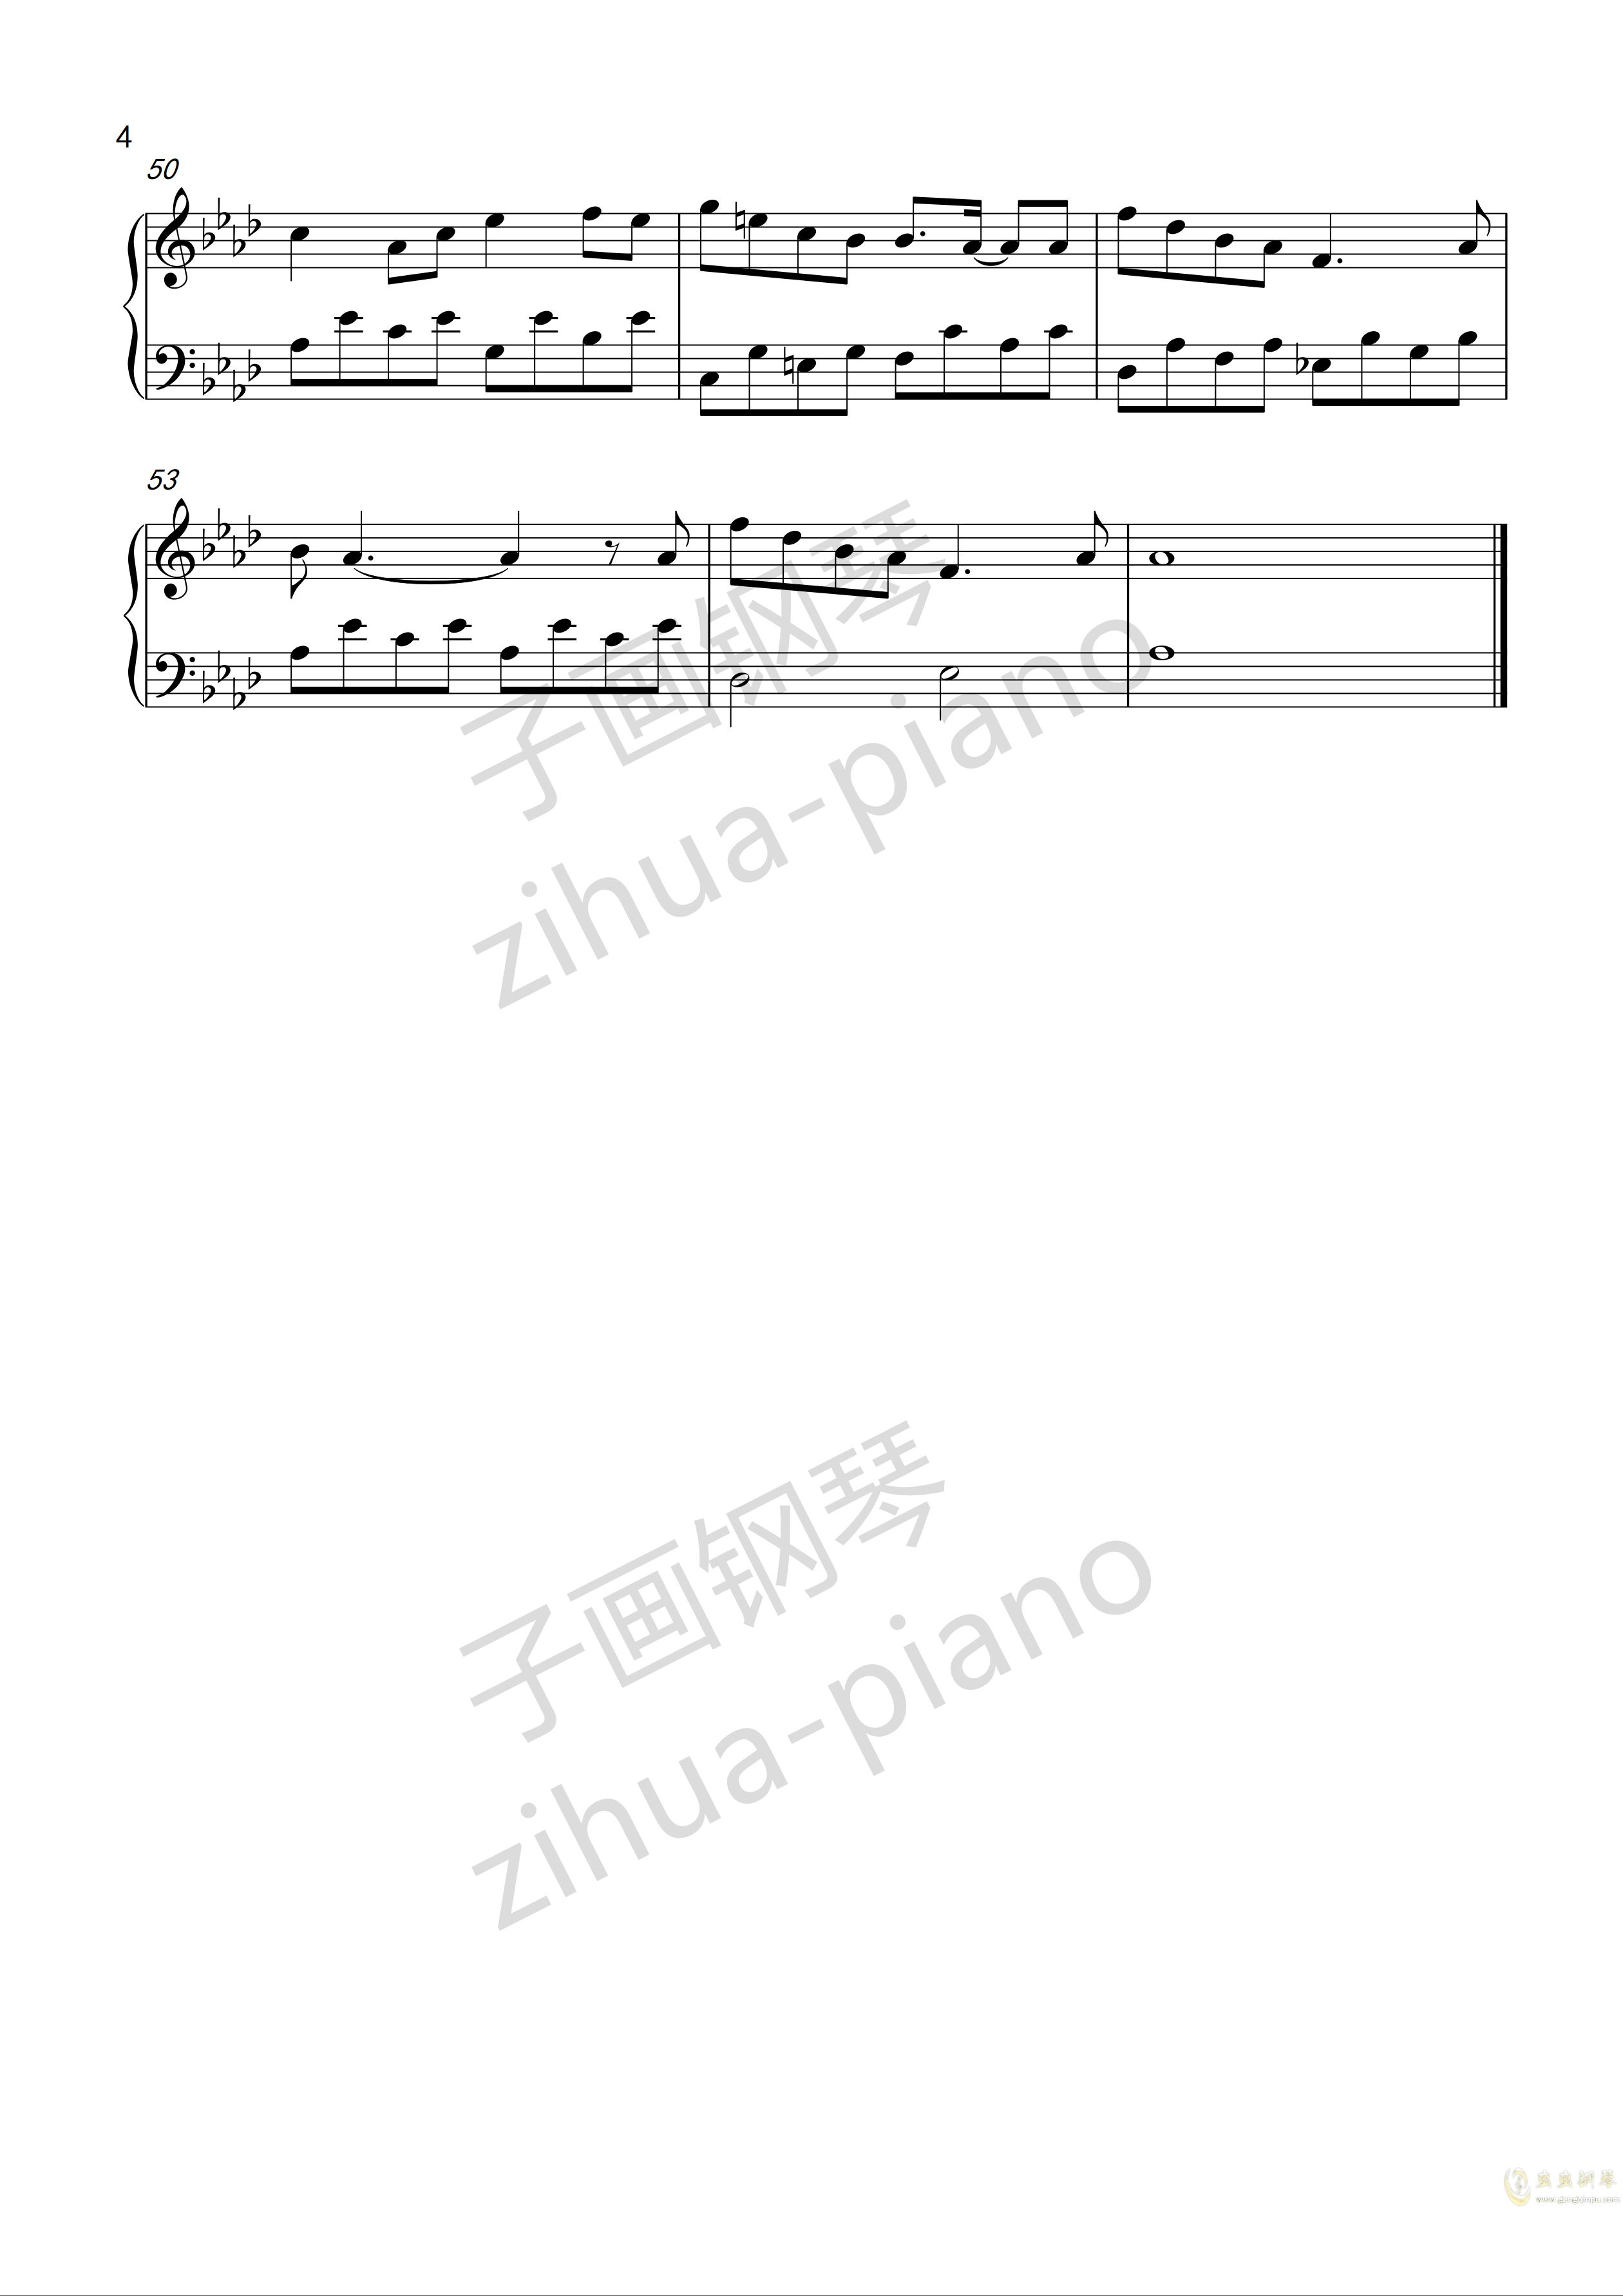 凤凰花开的路口钢琴谱 第4页